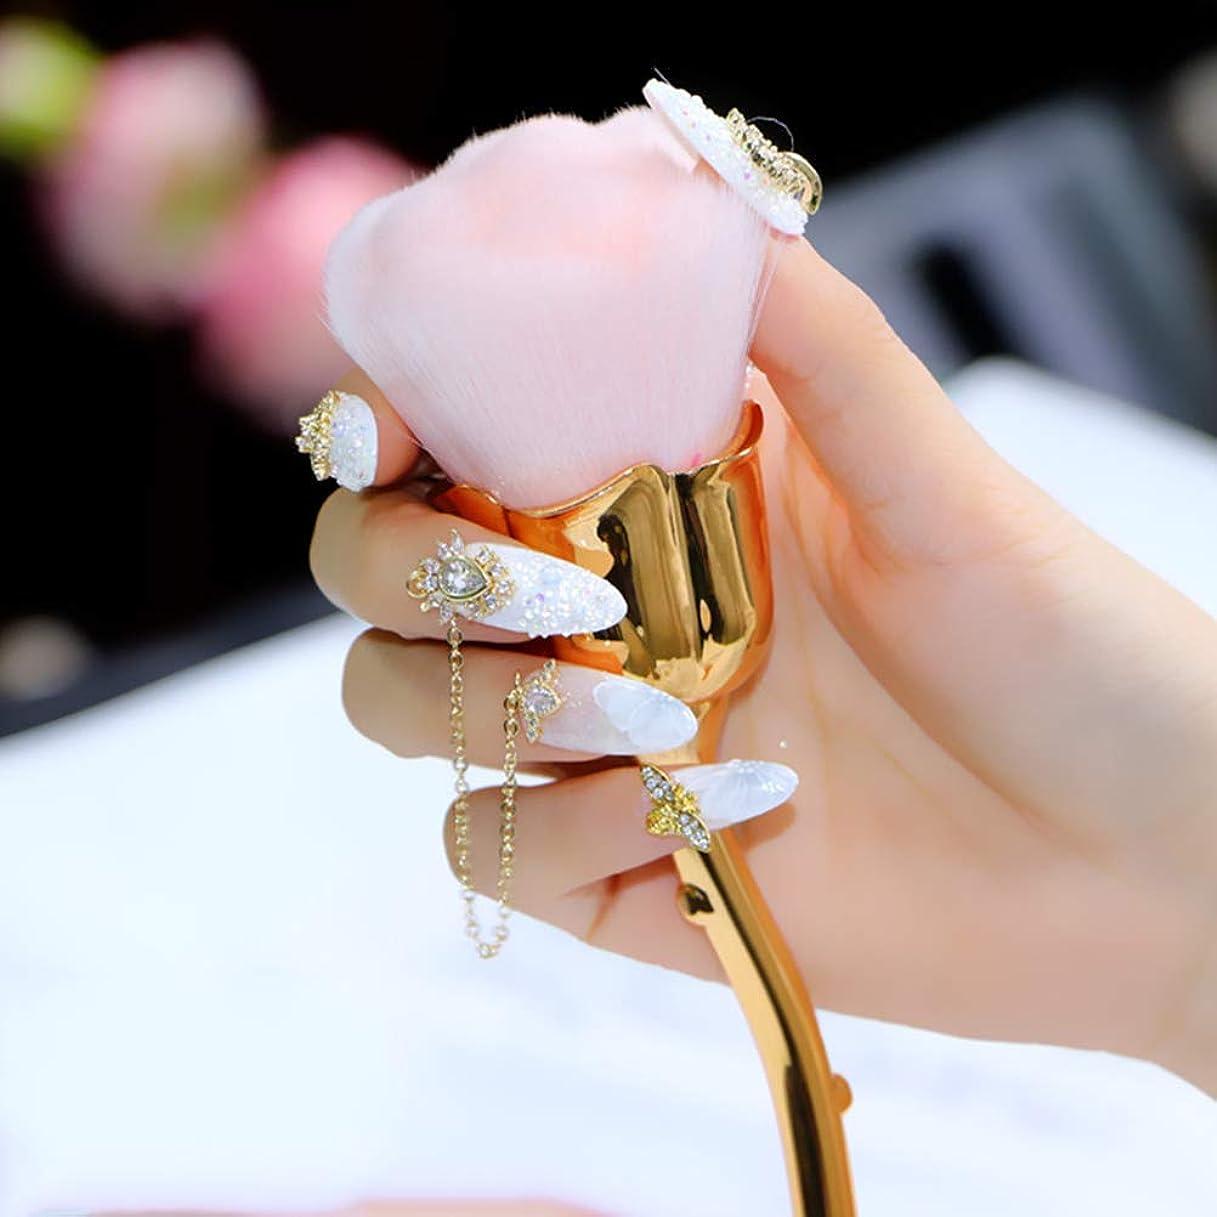 紳士パノラマ散文Daimai 化粧ブラシ ネイルダストブラシ ピンク バラ花 ブラッシュブラシ ネイルダストブラシ ローズブラシ ネイルアートクリーニングブラシ ブラッシュパウダーブラシ